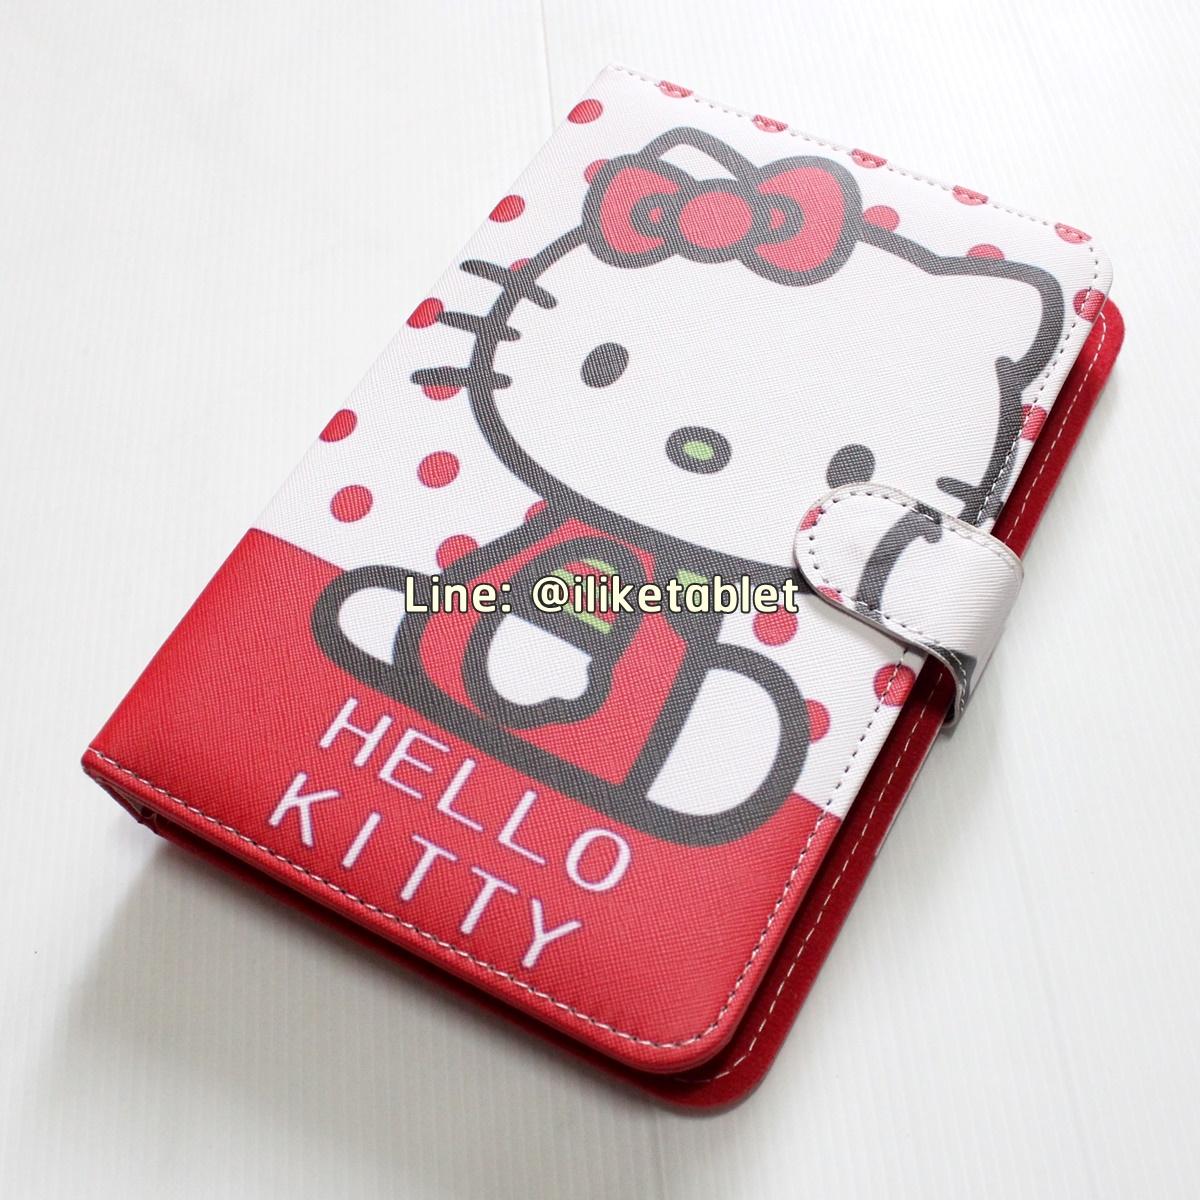 """เคสคีย์บอร์ด 7"""" ลาย Kitty น่ารัก สีแดง Micro USB สำหรับโทรศัพท์หรือแท็บเล็ต"""